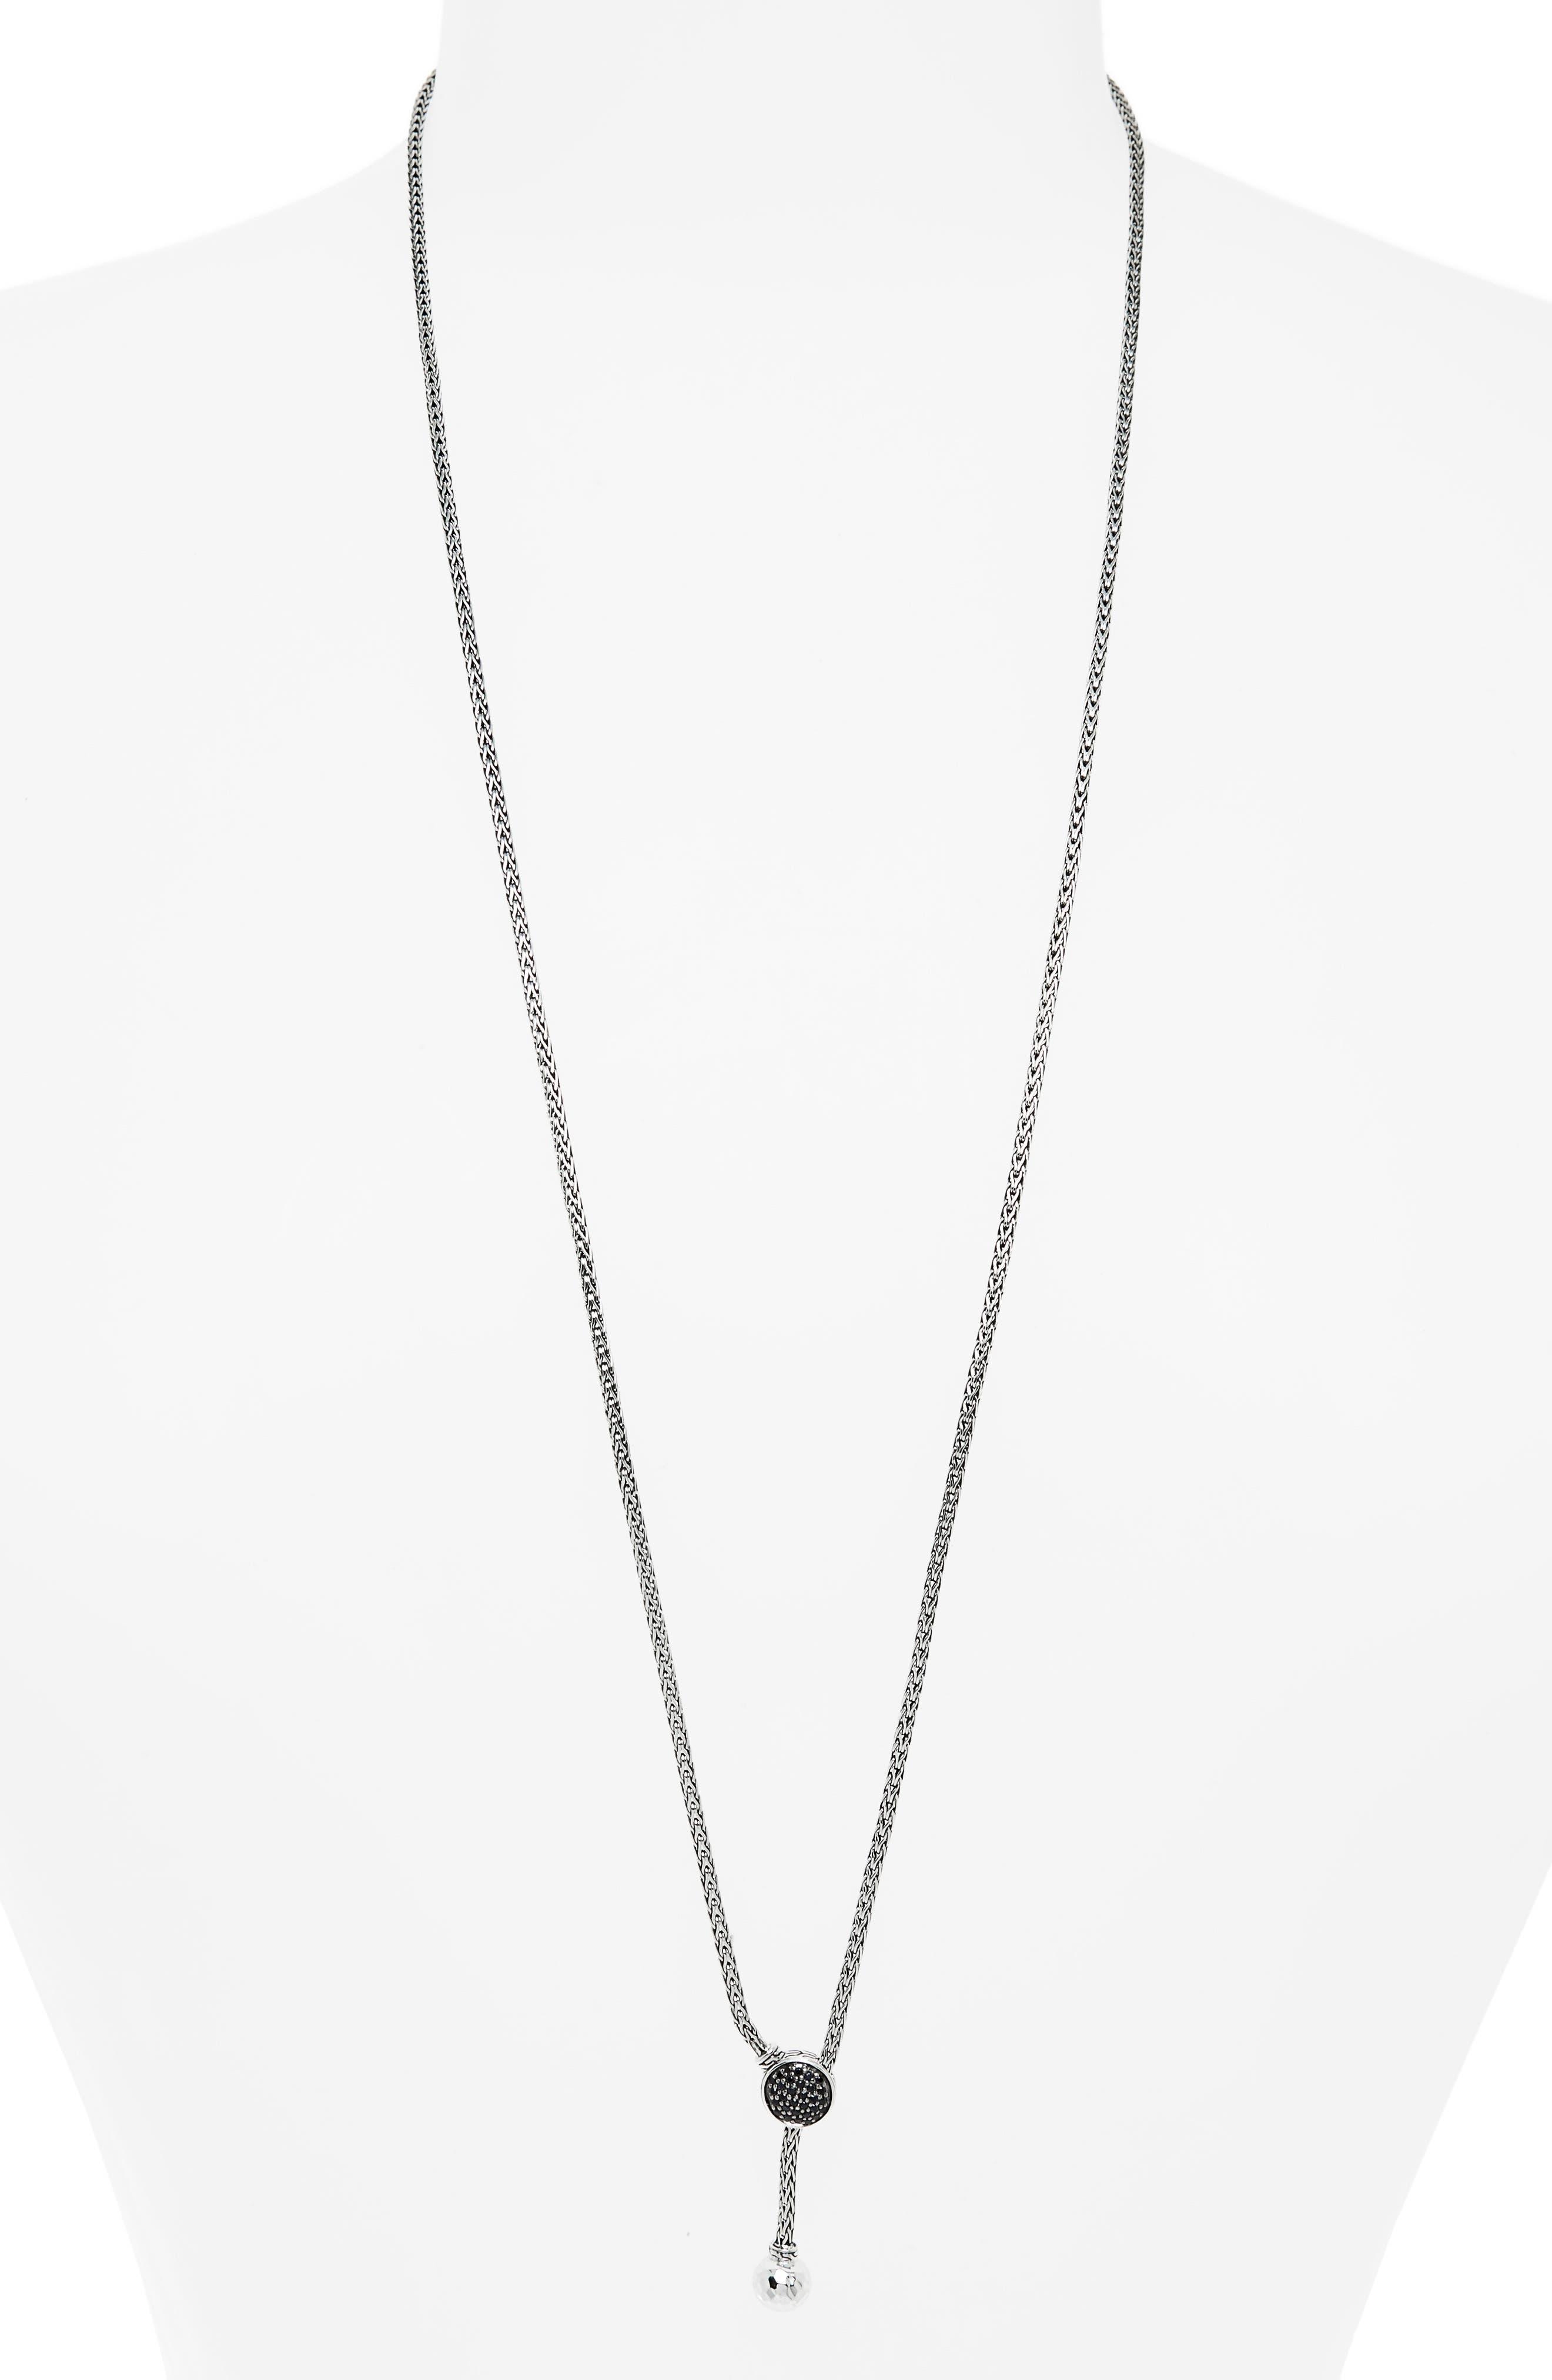 Classic Chain Black Sapphire Pavé Lariat Necklace,                             Main thumbnail 1, color,                             SILVER/ BLACK SAPPHIRE/ BLACK